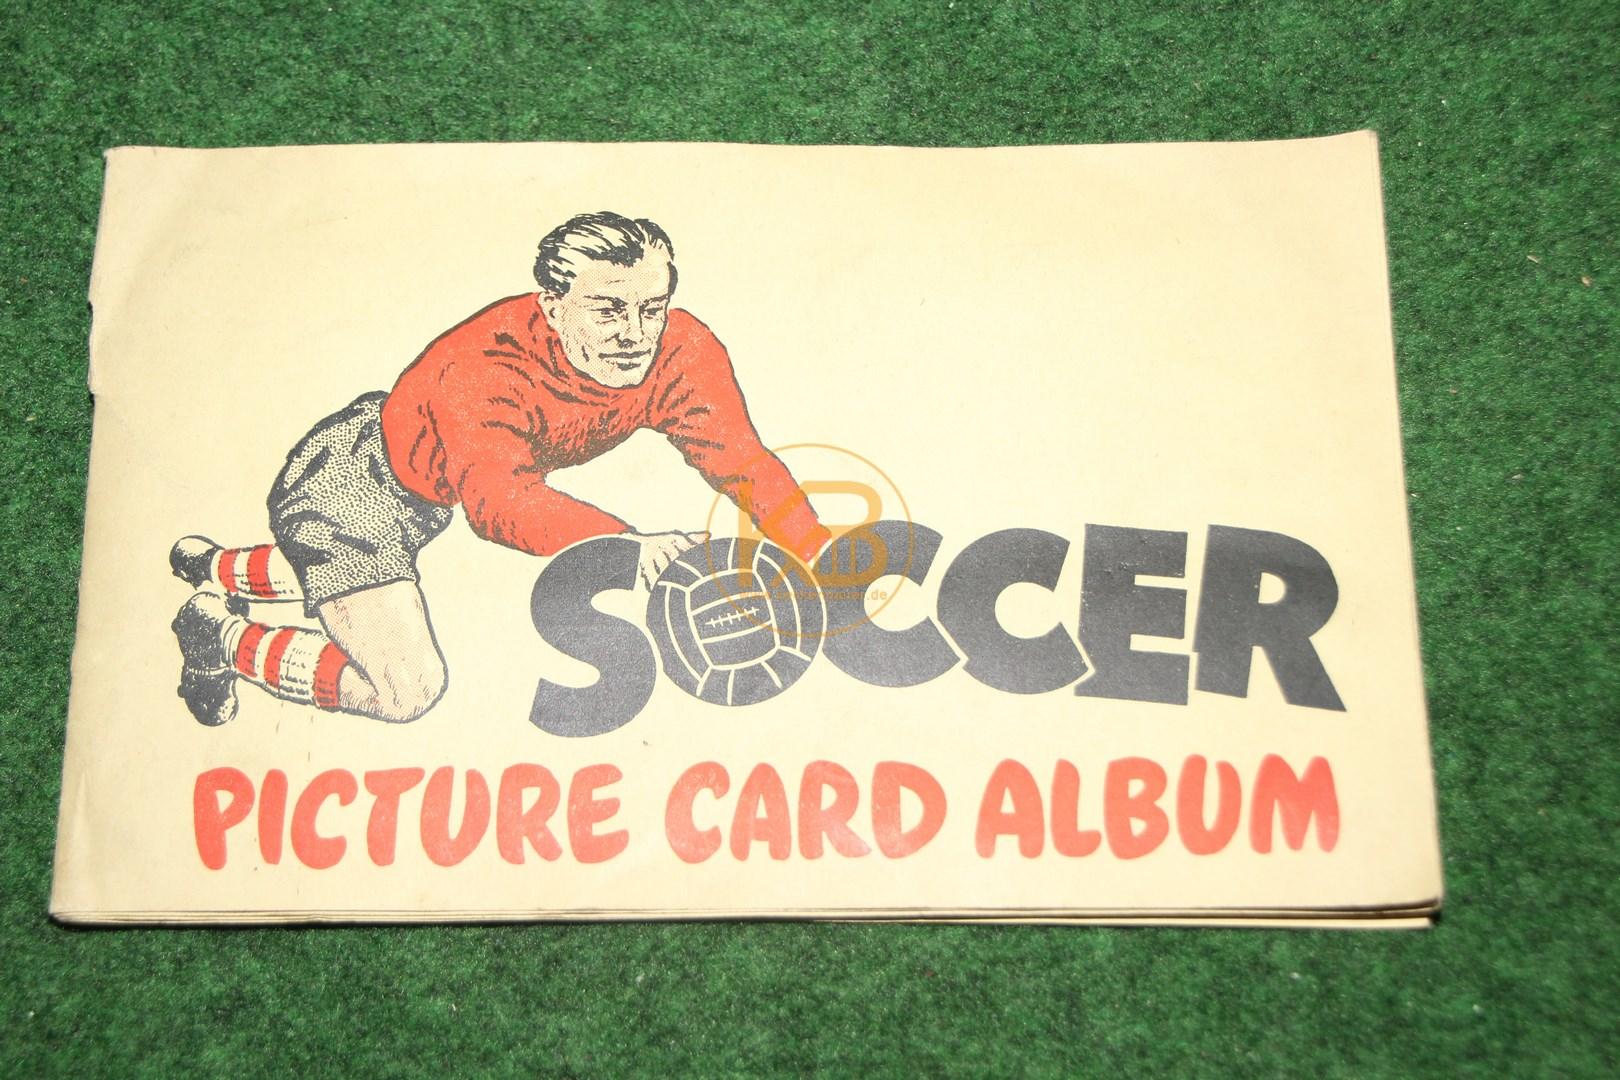 Sammelalbum aus England aus den 1950ern.